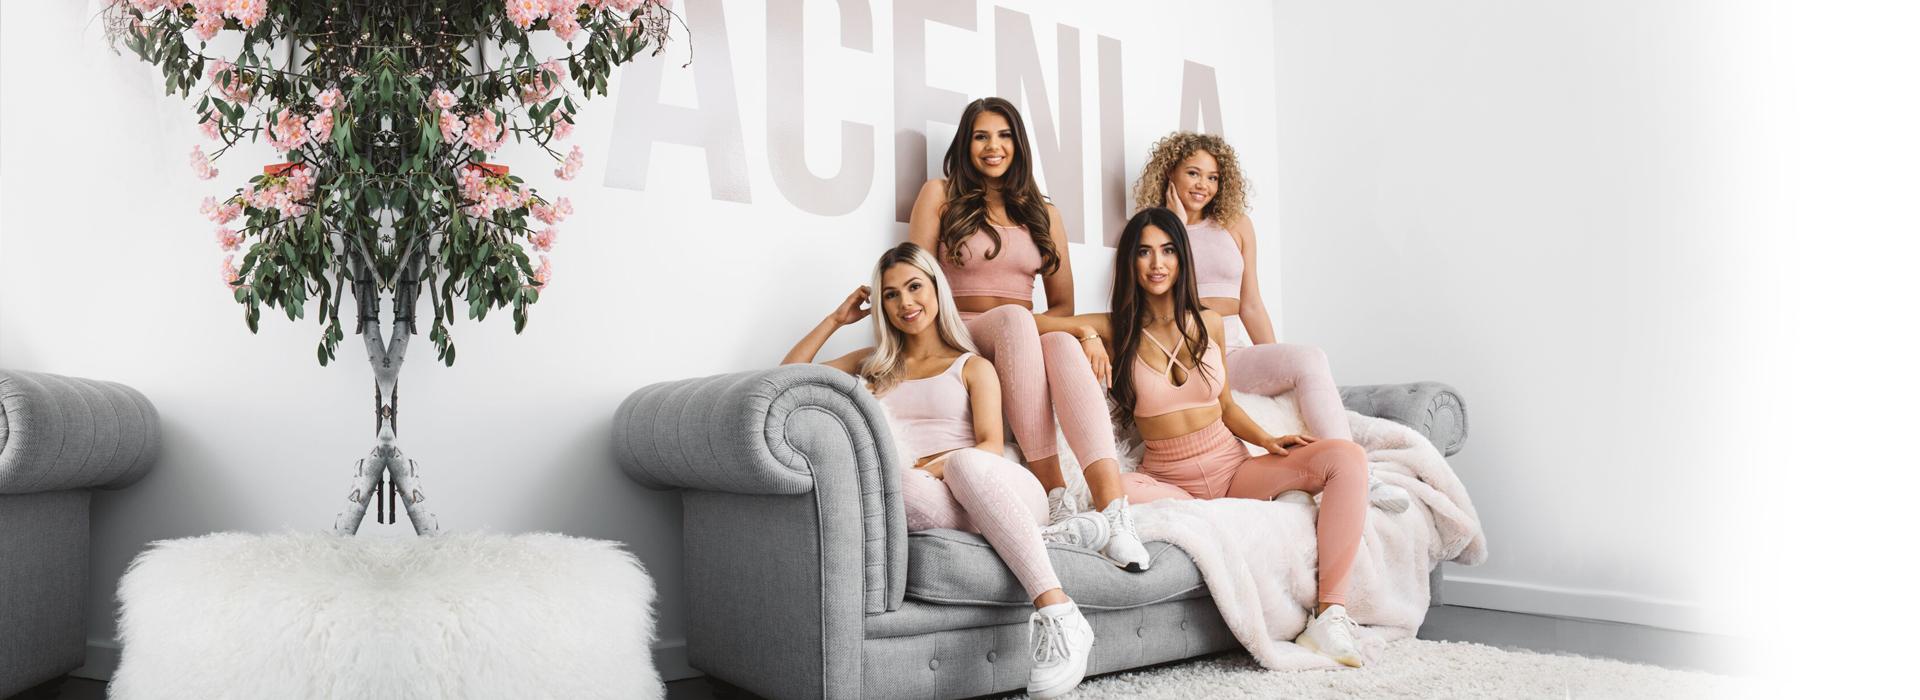 acenla gymwear